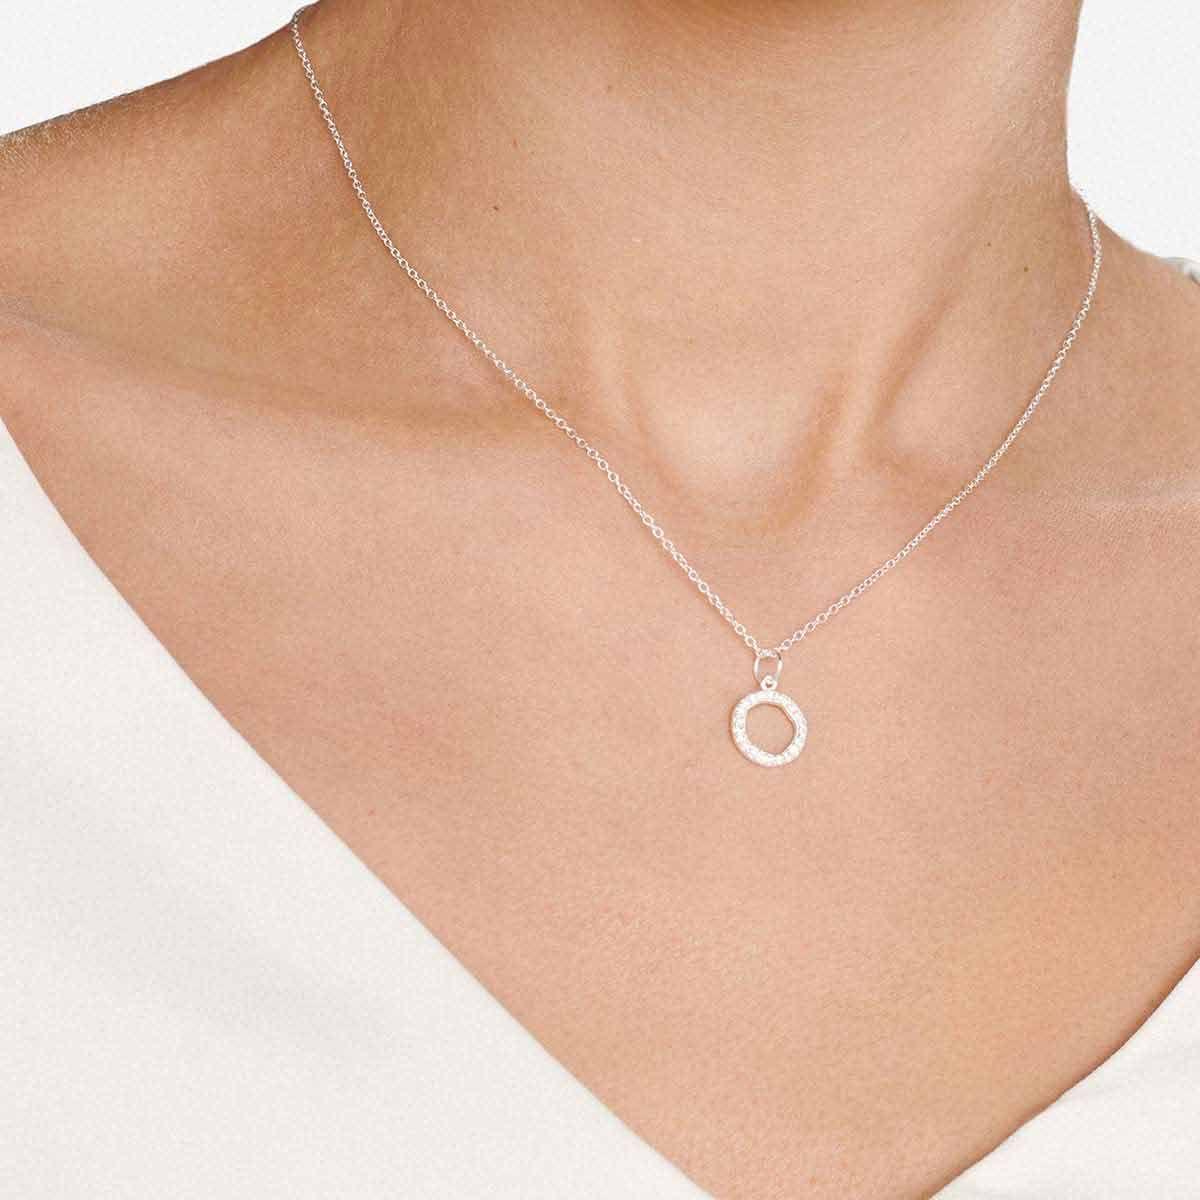 Aria - Kettenanhänger - Silber